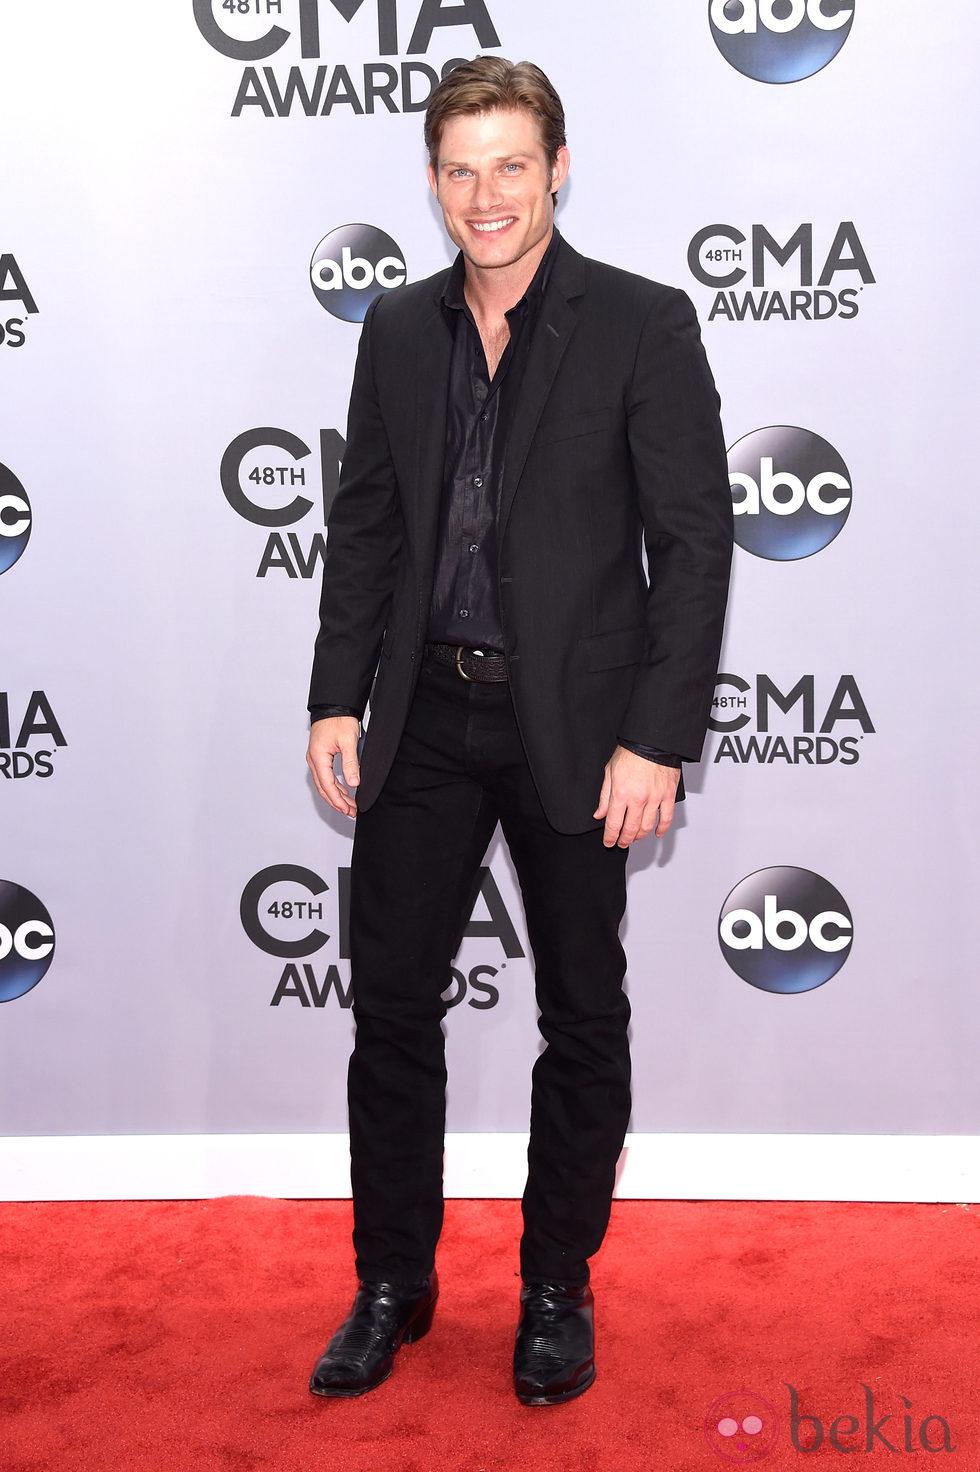 Chris Carmack en la entrega de los premios CMA Awards 2014